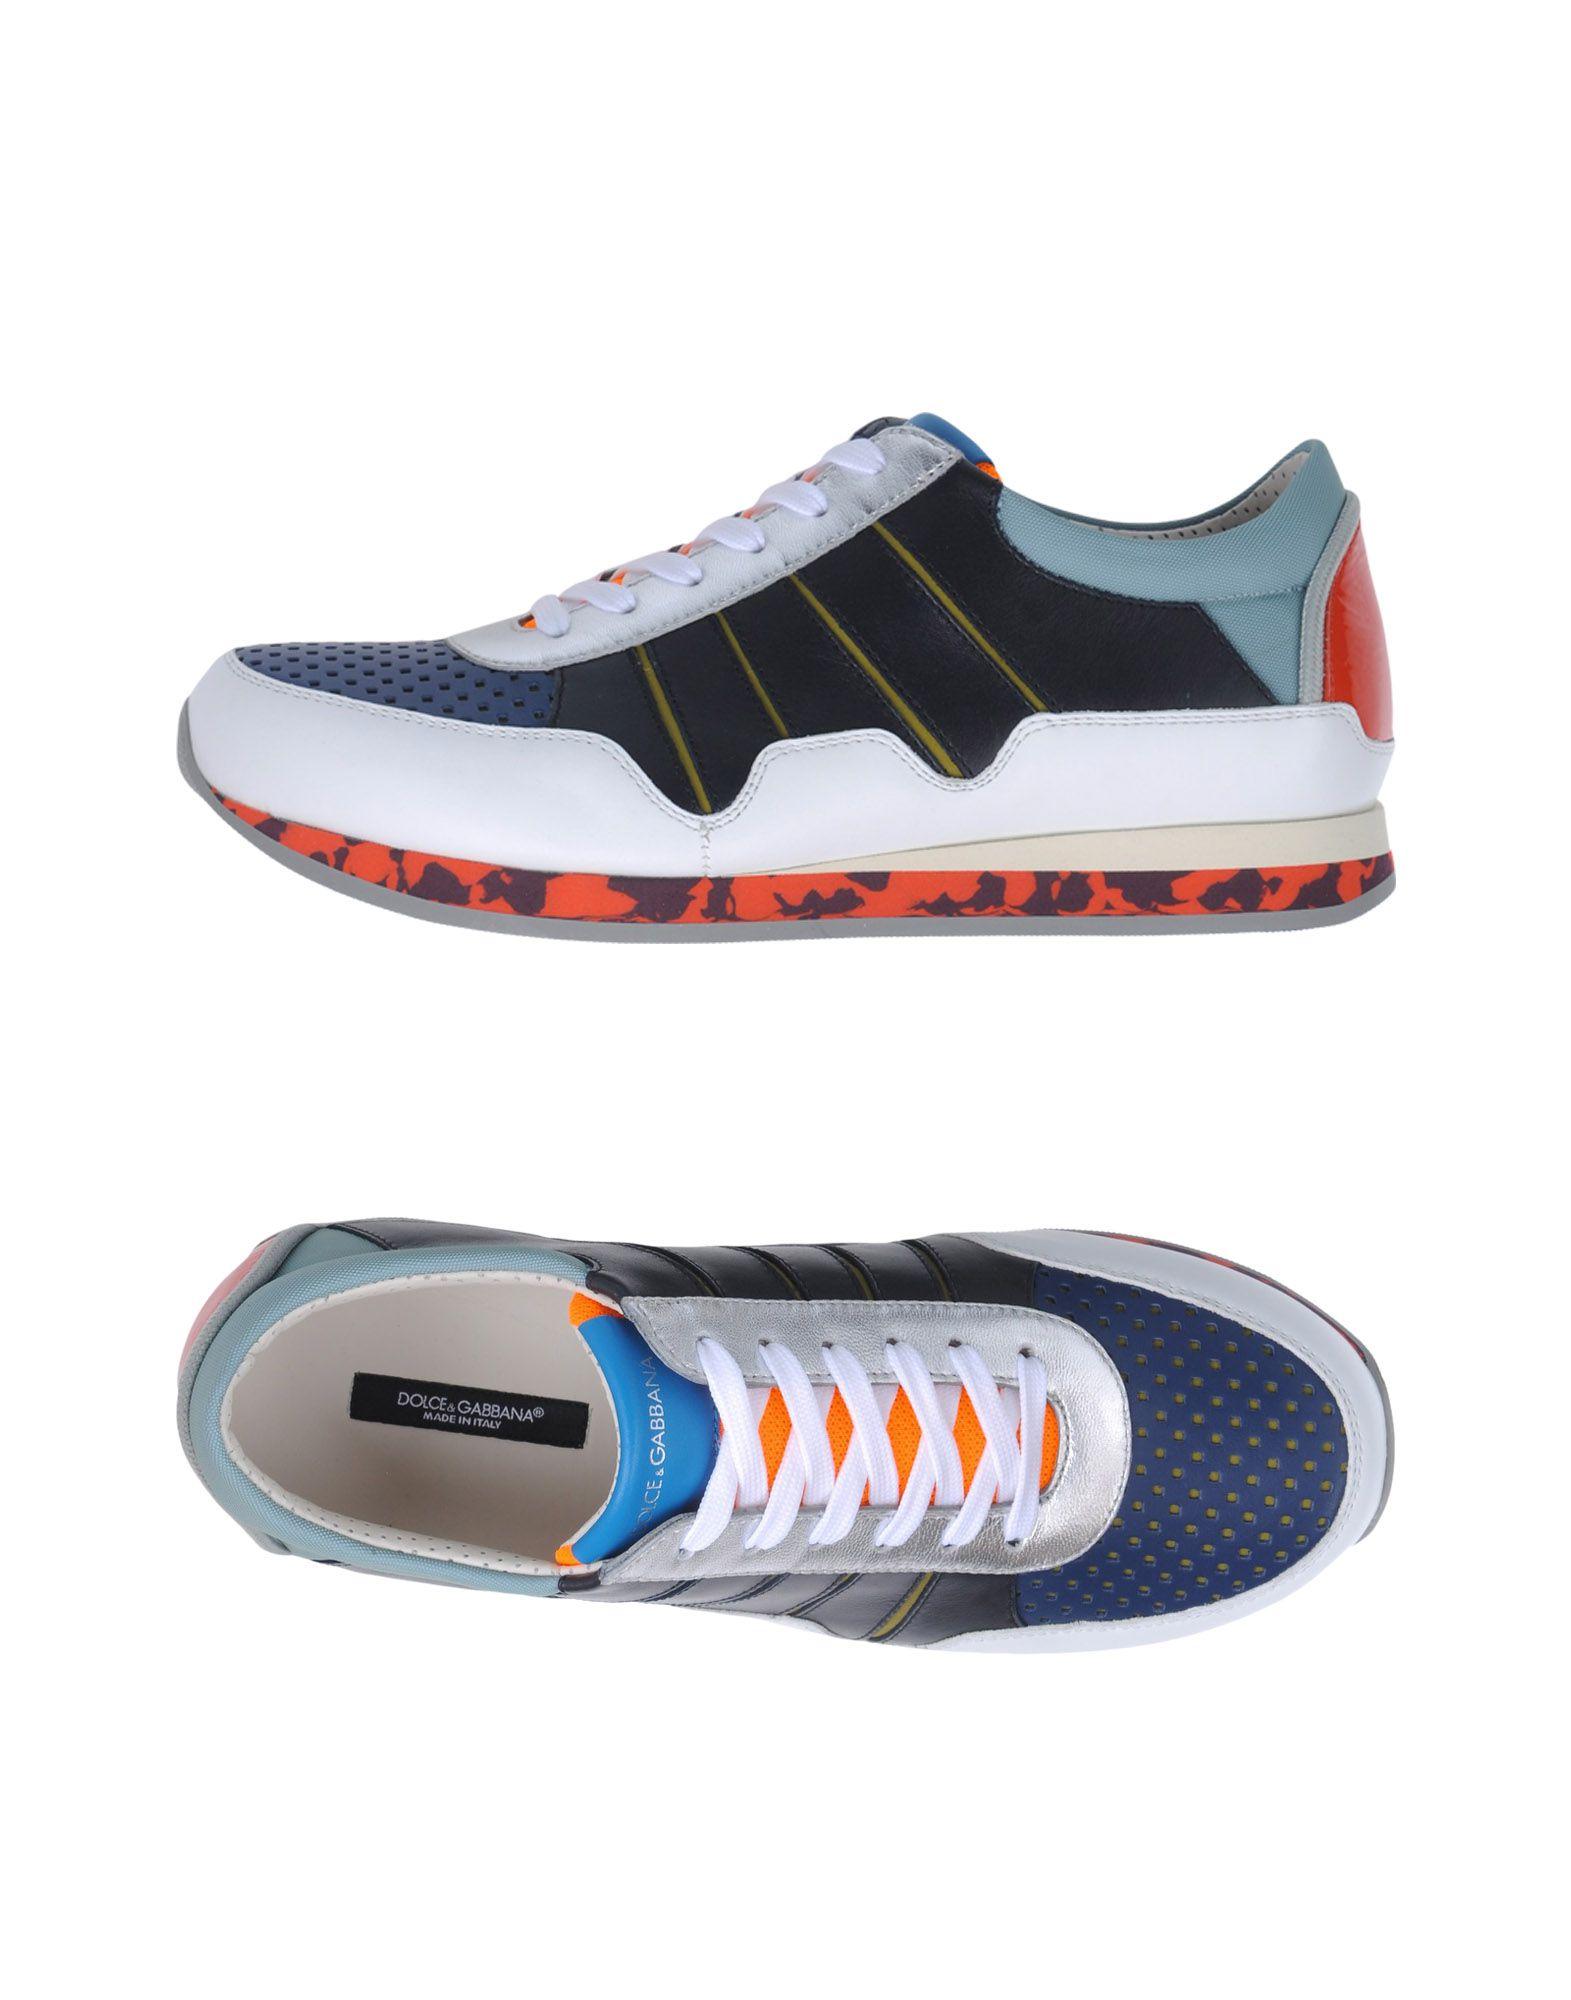 Dolce & Gabbana Sneakers - Men Dolce Dolce Dolce & Gabbana Sneakers online on  United Kingdom - 11350550TT 11149b